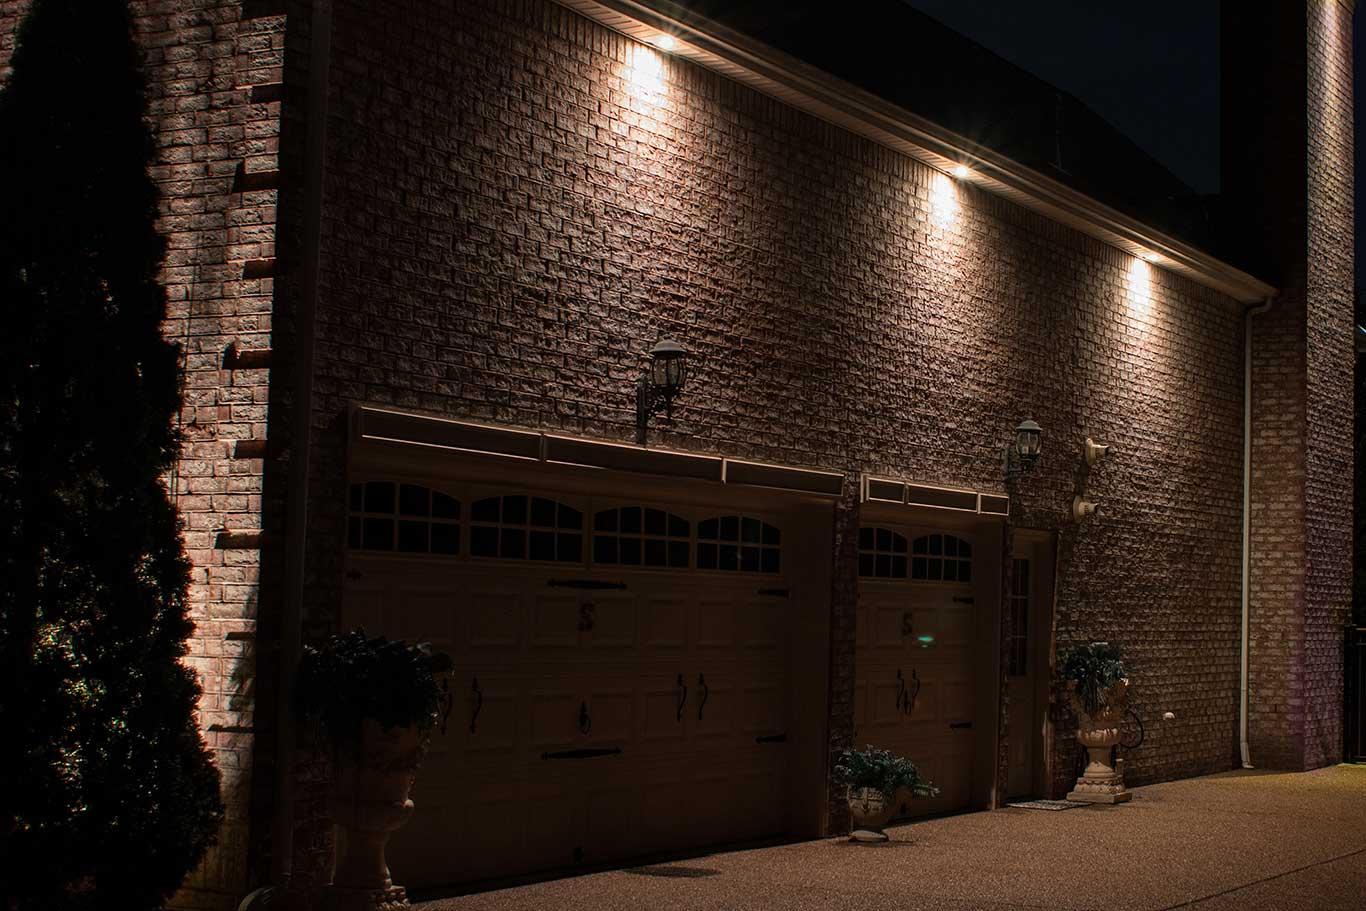 soffit-downlights-over-garage.jpg